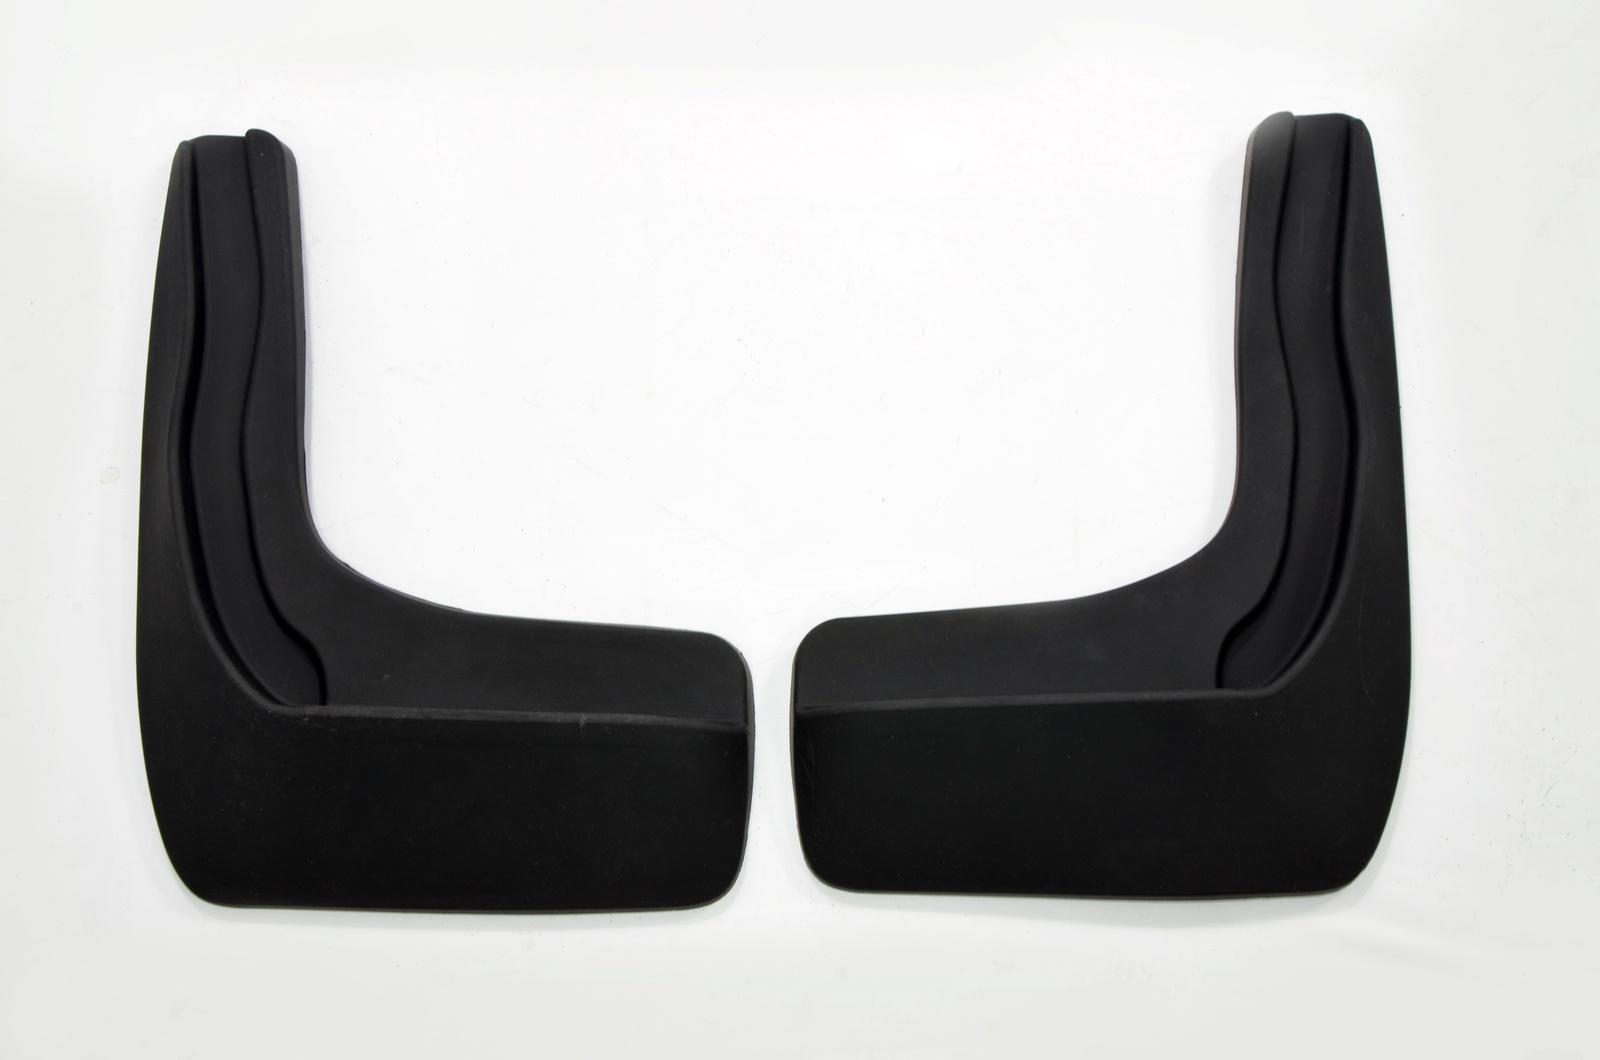 Брызговики резиновые для Toyota Camry (XV50) (2011-2015) Задние брызговики задние без расширителей 22922767 для chevrolet tahoe iv 2015